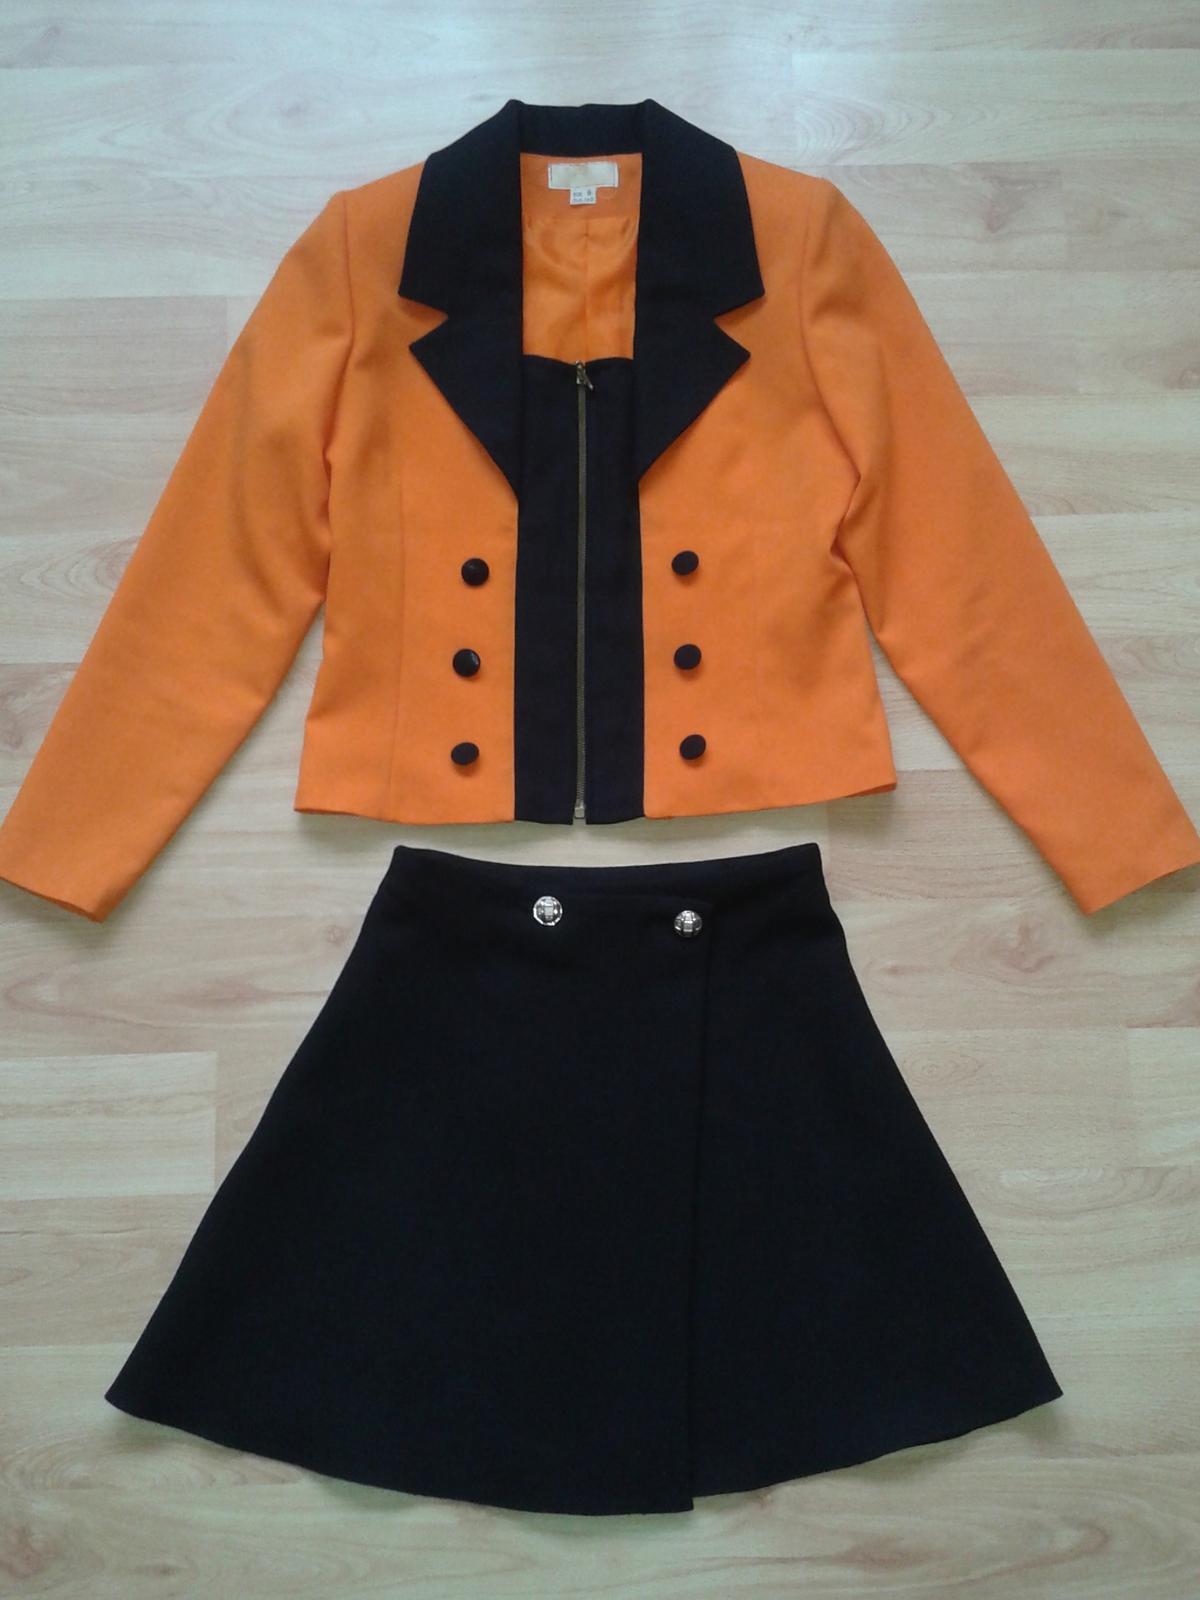 Dievčenský sukňový kostým - Obrázok č. 1